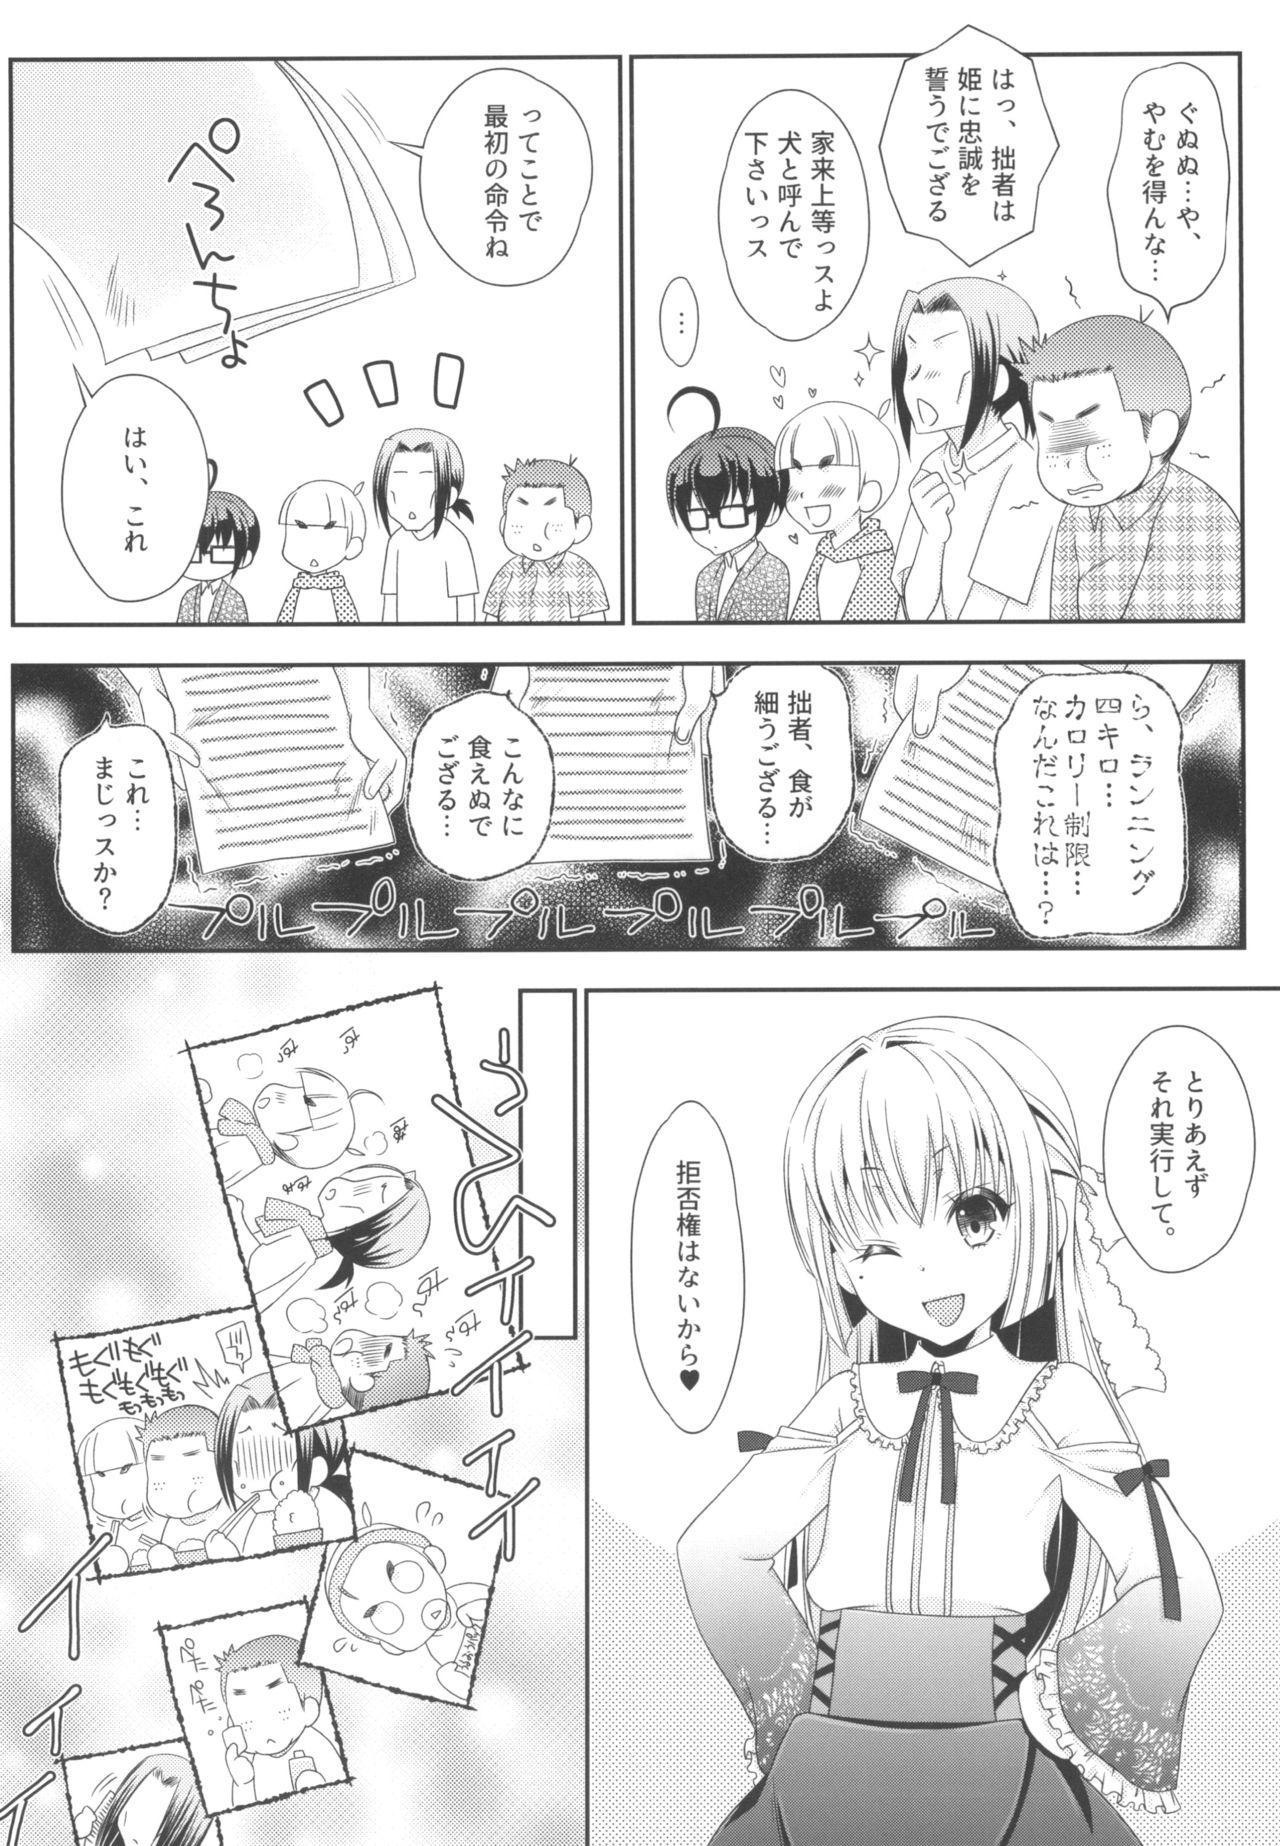 [Mariana Kaikou Kikaku (Mikami Hokuto)] Shimakaze-kun to OtaCir no Mob-tachi (Kantai Collection -KanColle-) [Digital] 45